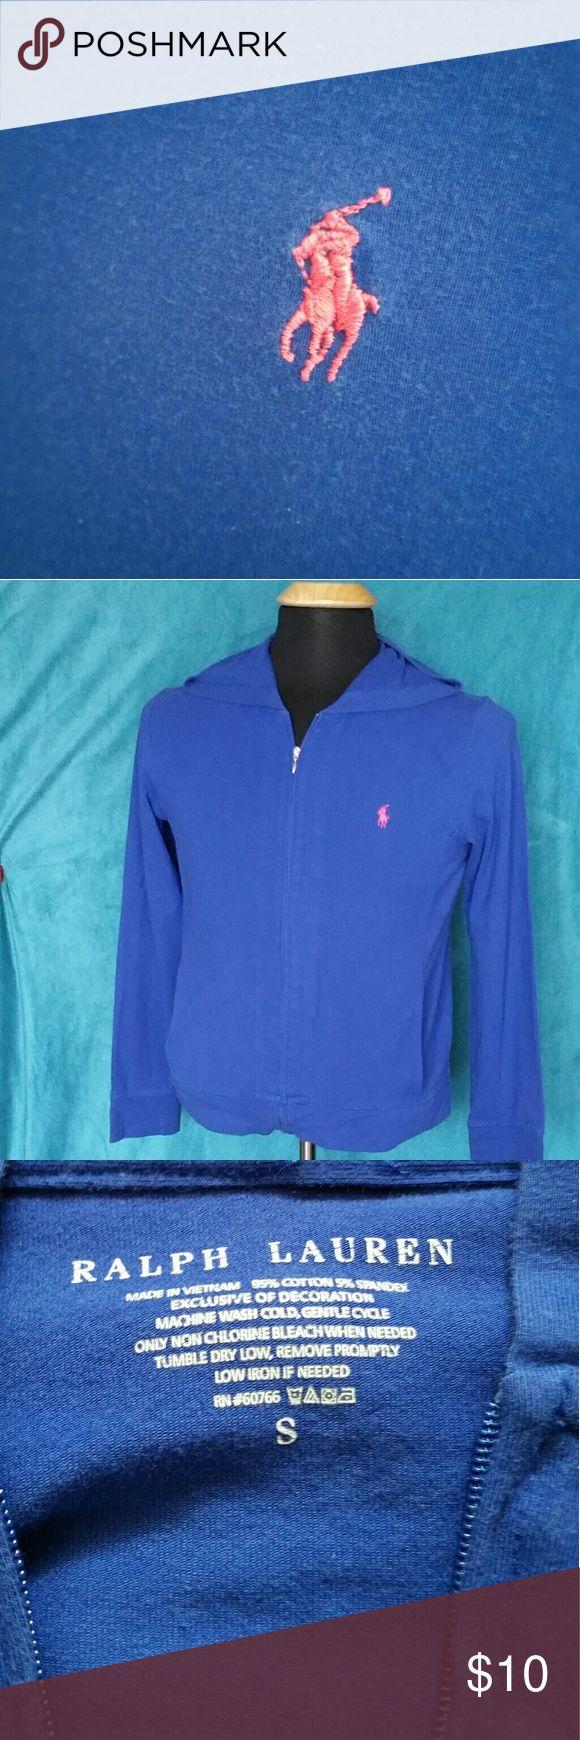 Ladies Ralph Lauren Sweatshirt Blue w/ Pink Pony, Zip up w/ a hood, *bundle friendly* Ralph Lauren Tops Sweatshirts & Hoodies